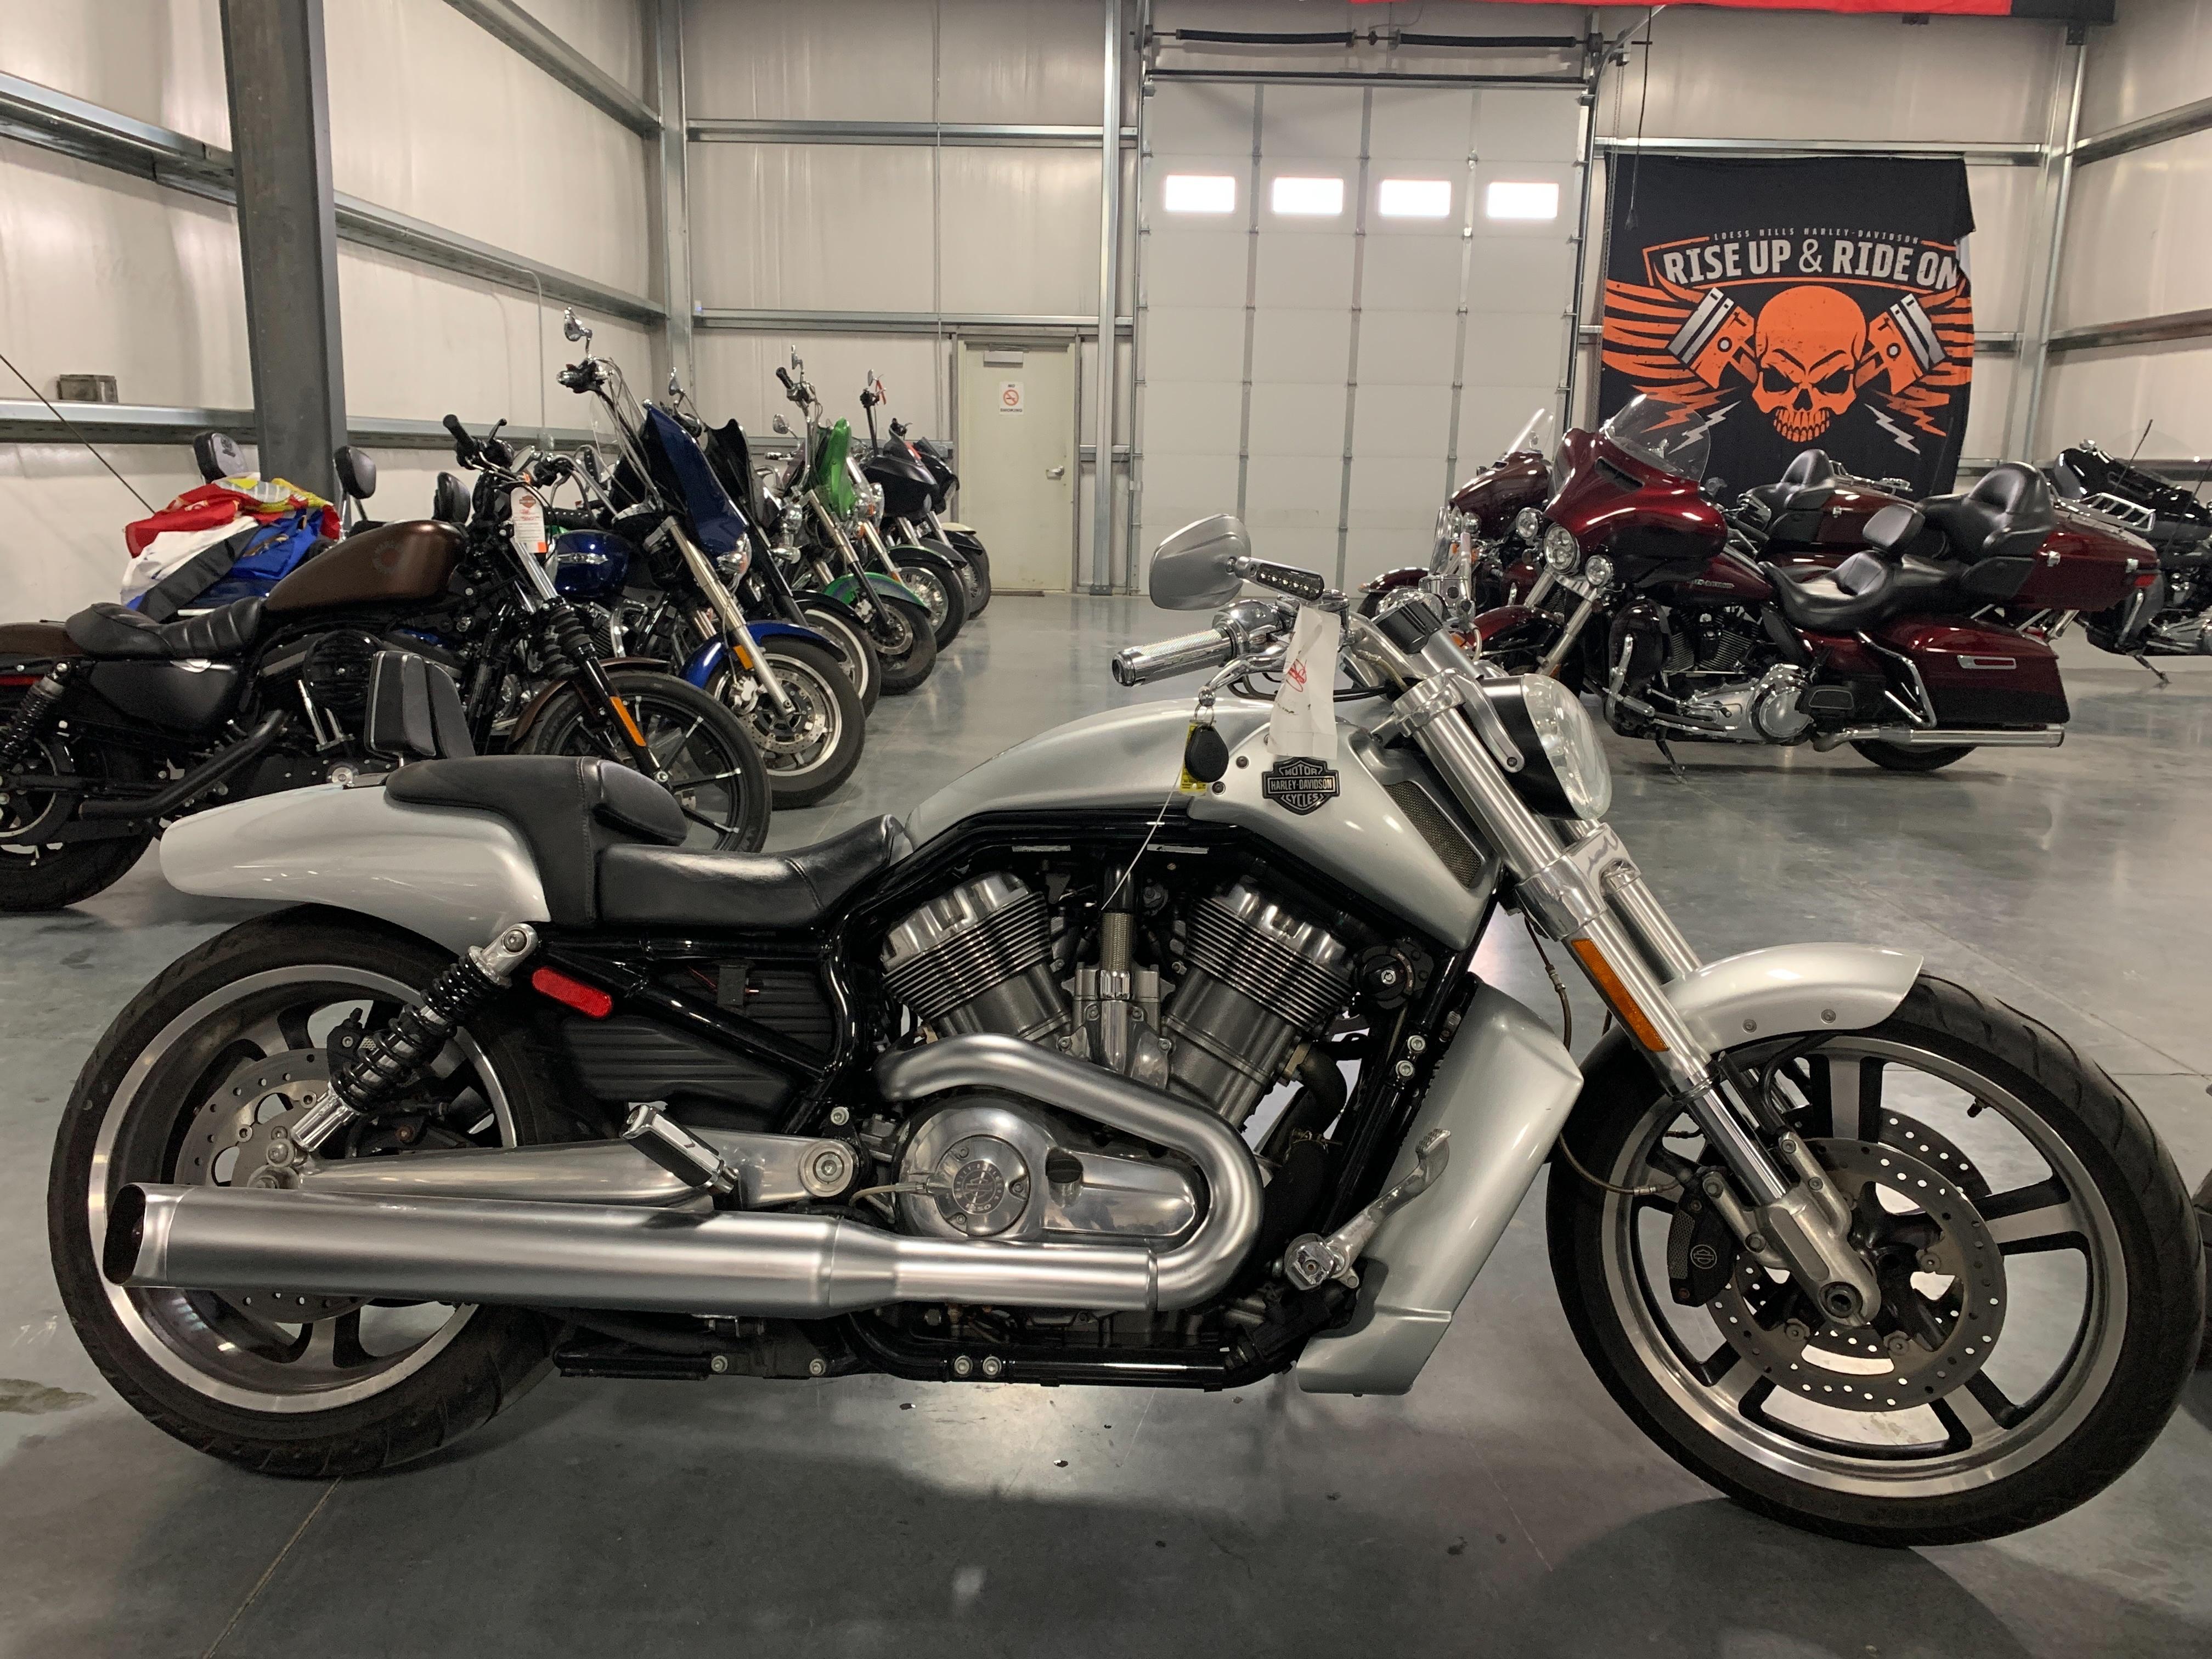 2009 Harley-Davidson VRSC V-Rod Muscle at Loess Hills Harley-Davidson